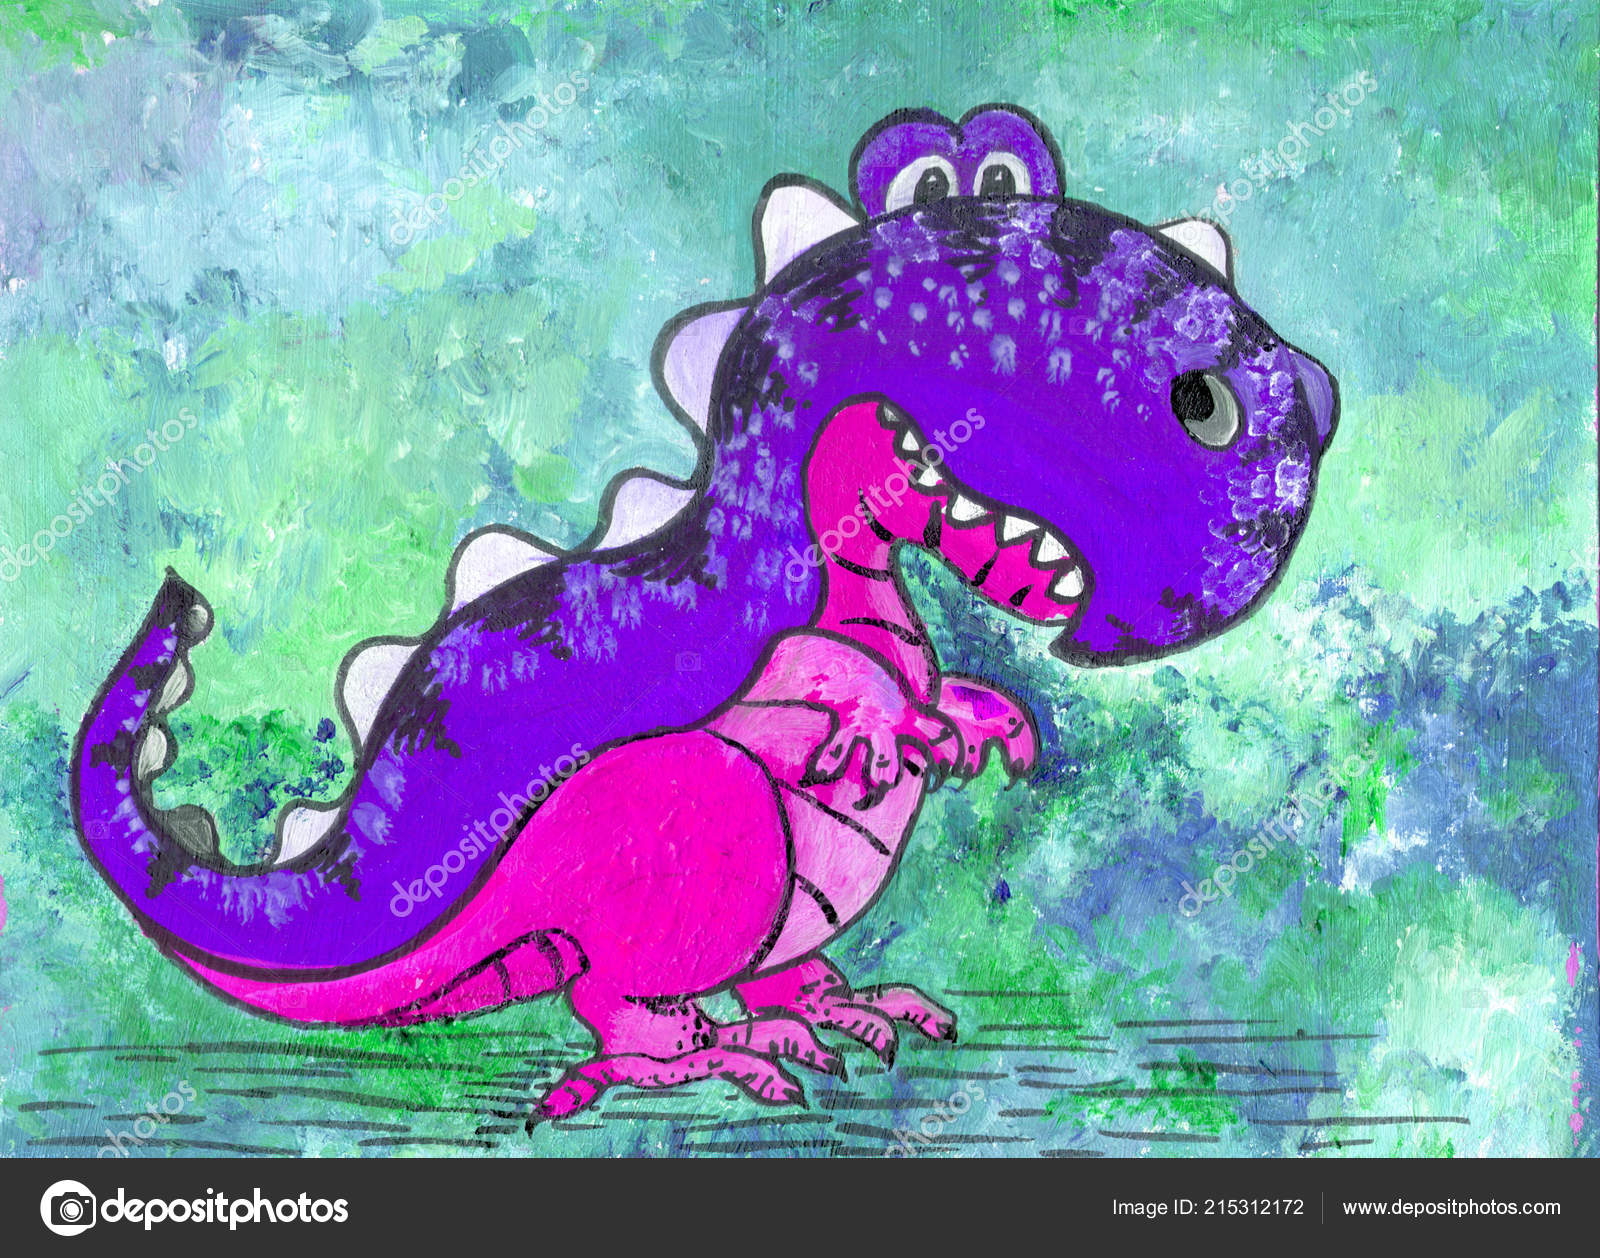 Dinosauro personaggio dei cartoni animati figura con vernici